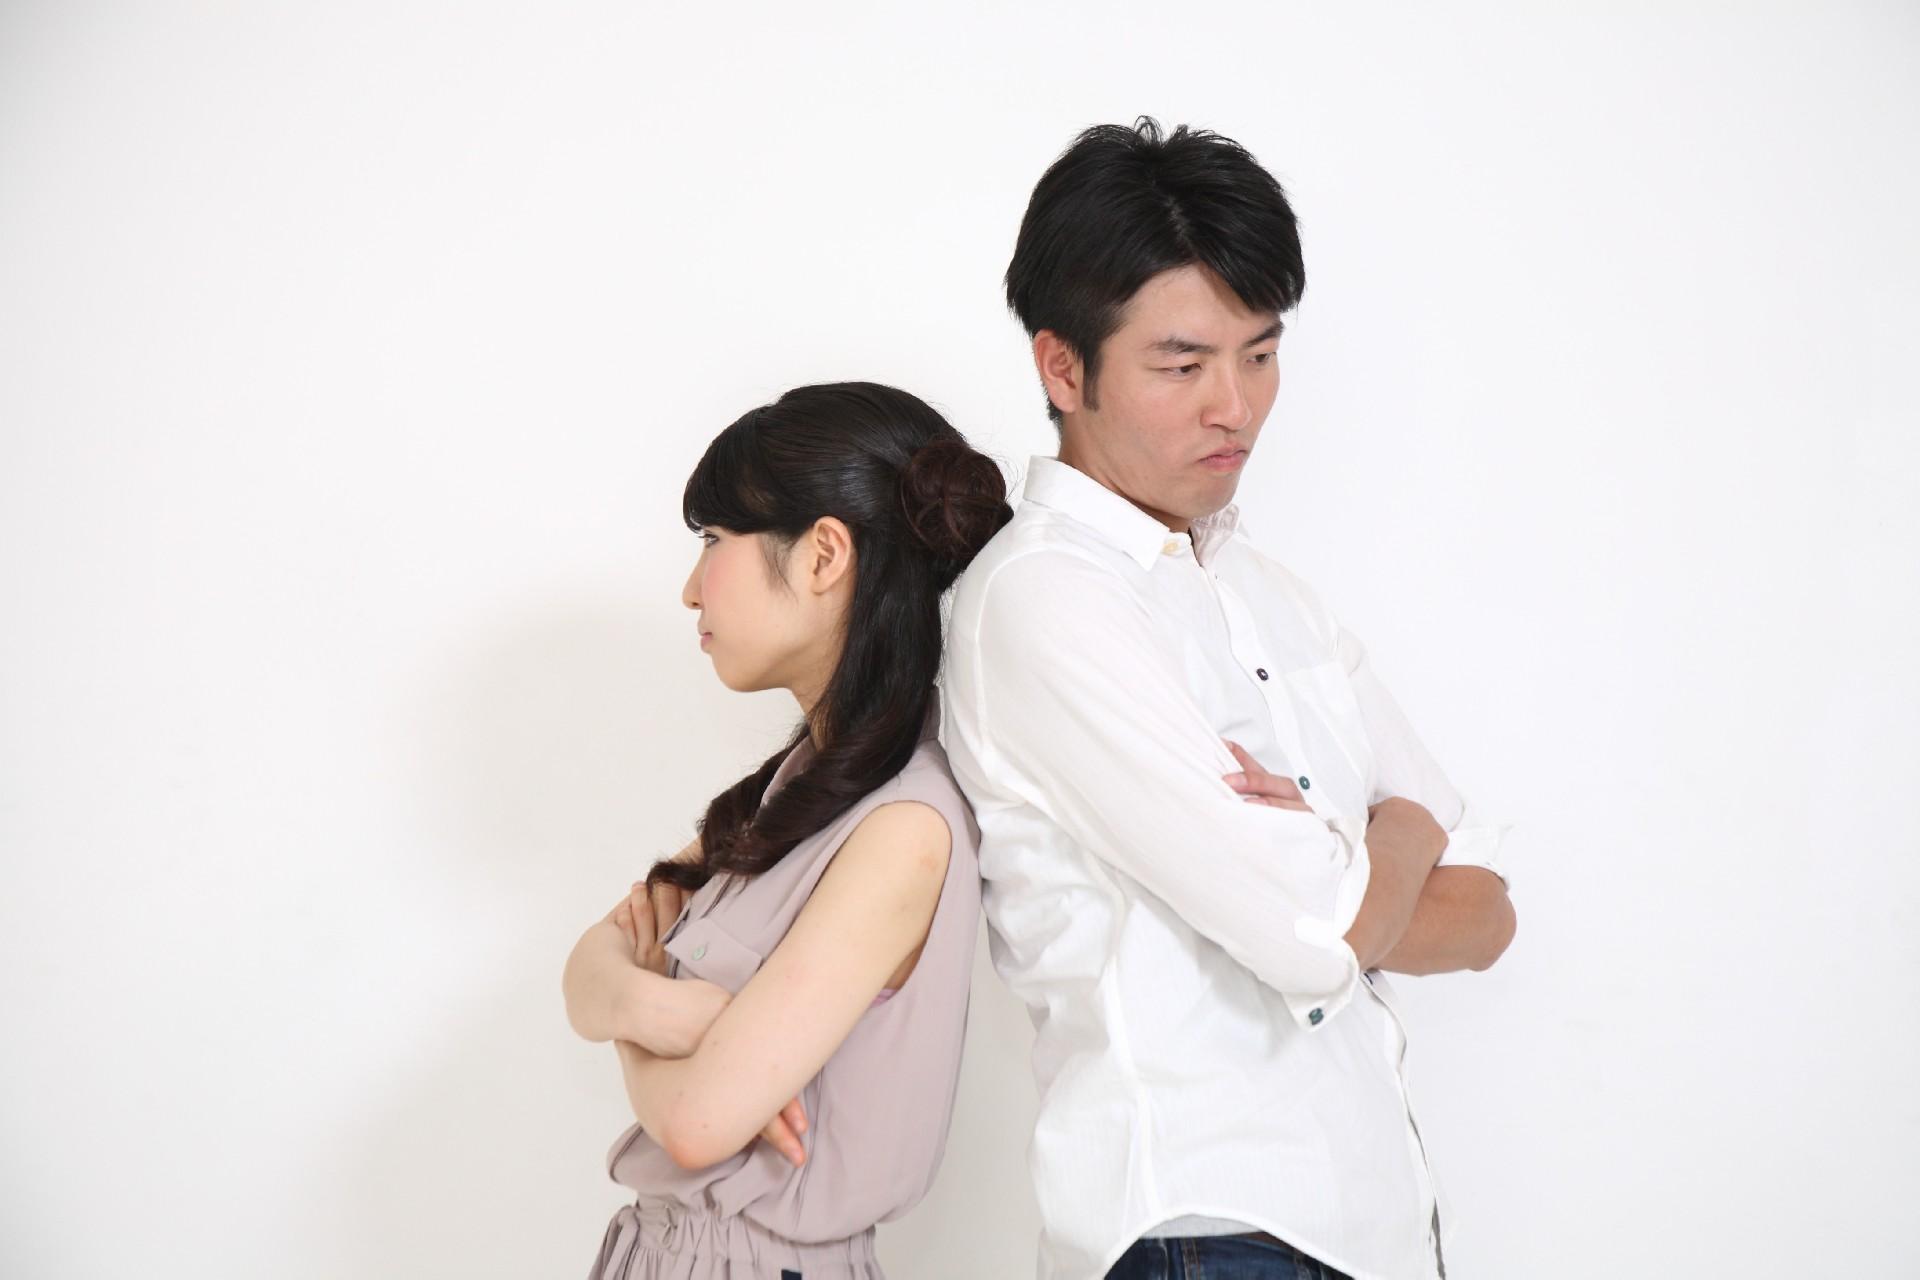 離婚の種類について佐久市の長野離婚協議書作成相談サポートが解説